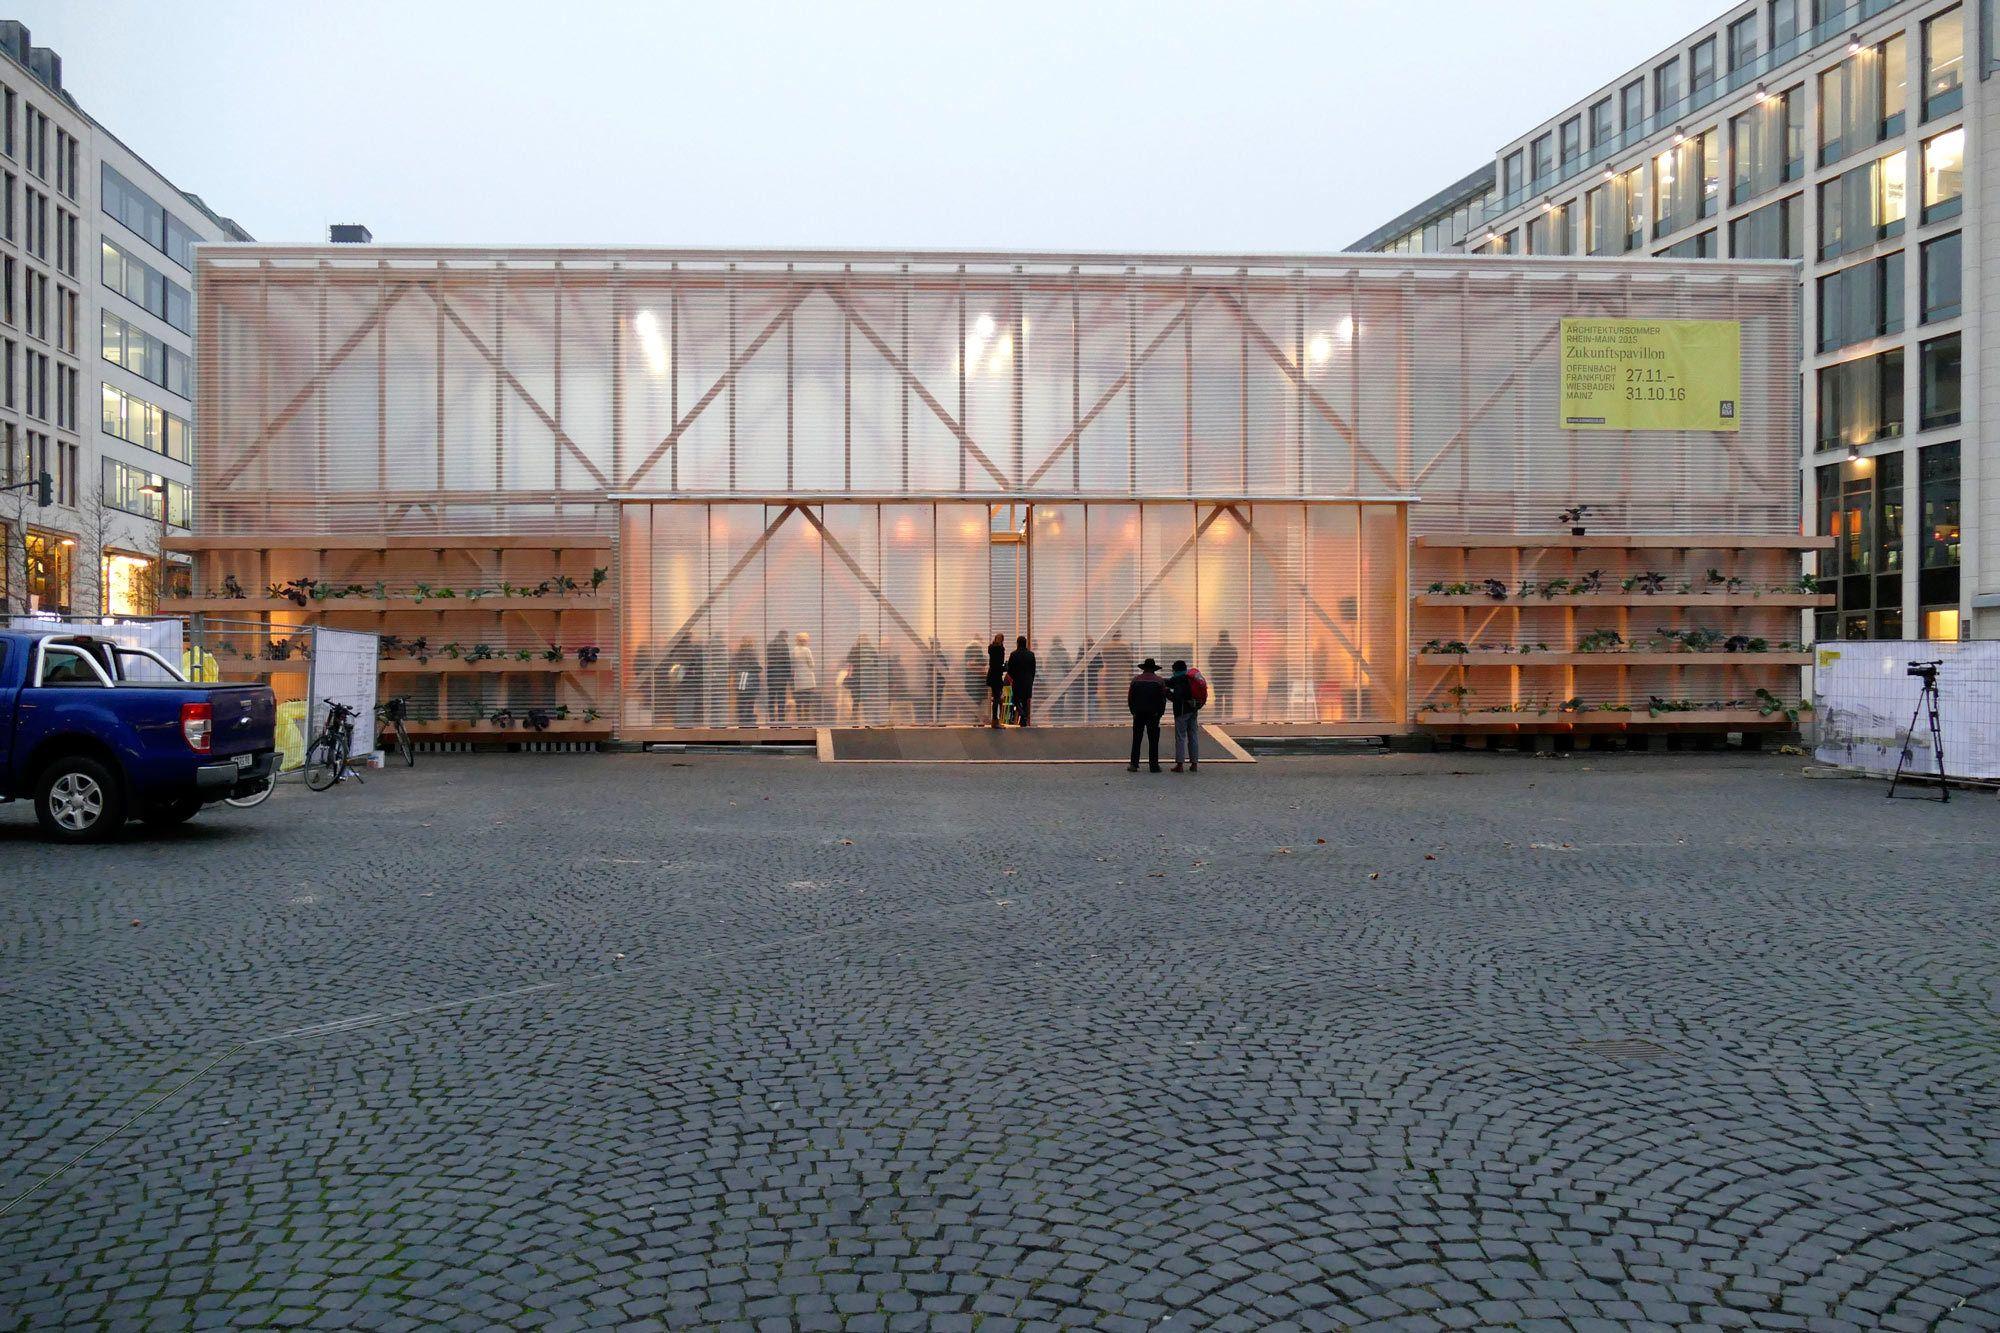 Ian Shaw blickt in die Zukunft - ASRM eröffnet Pavillon in Frankfurt #arquitectonico